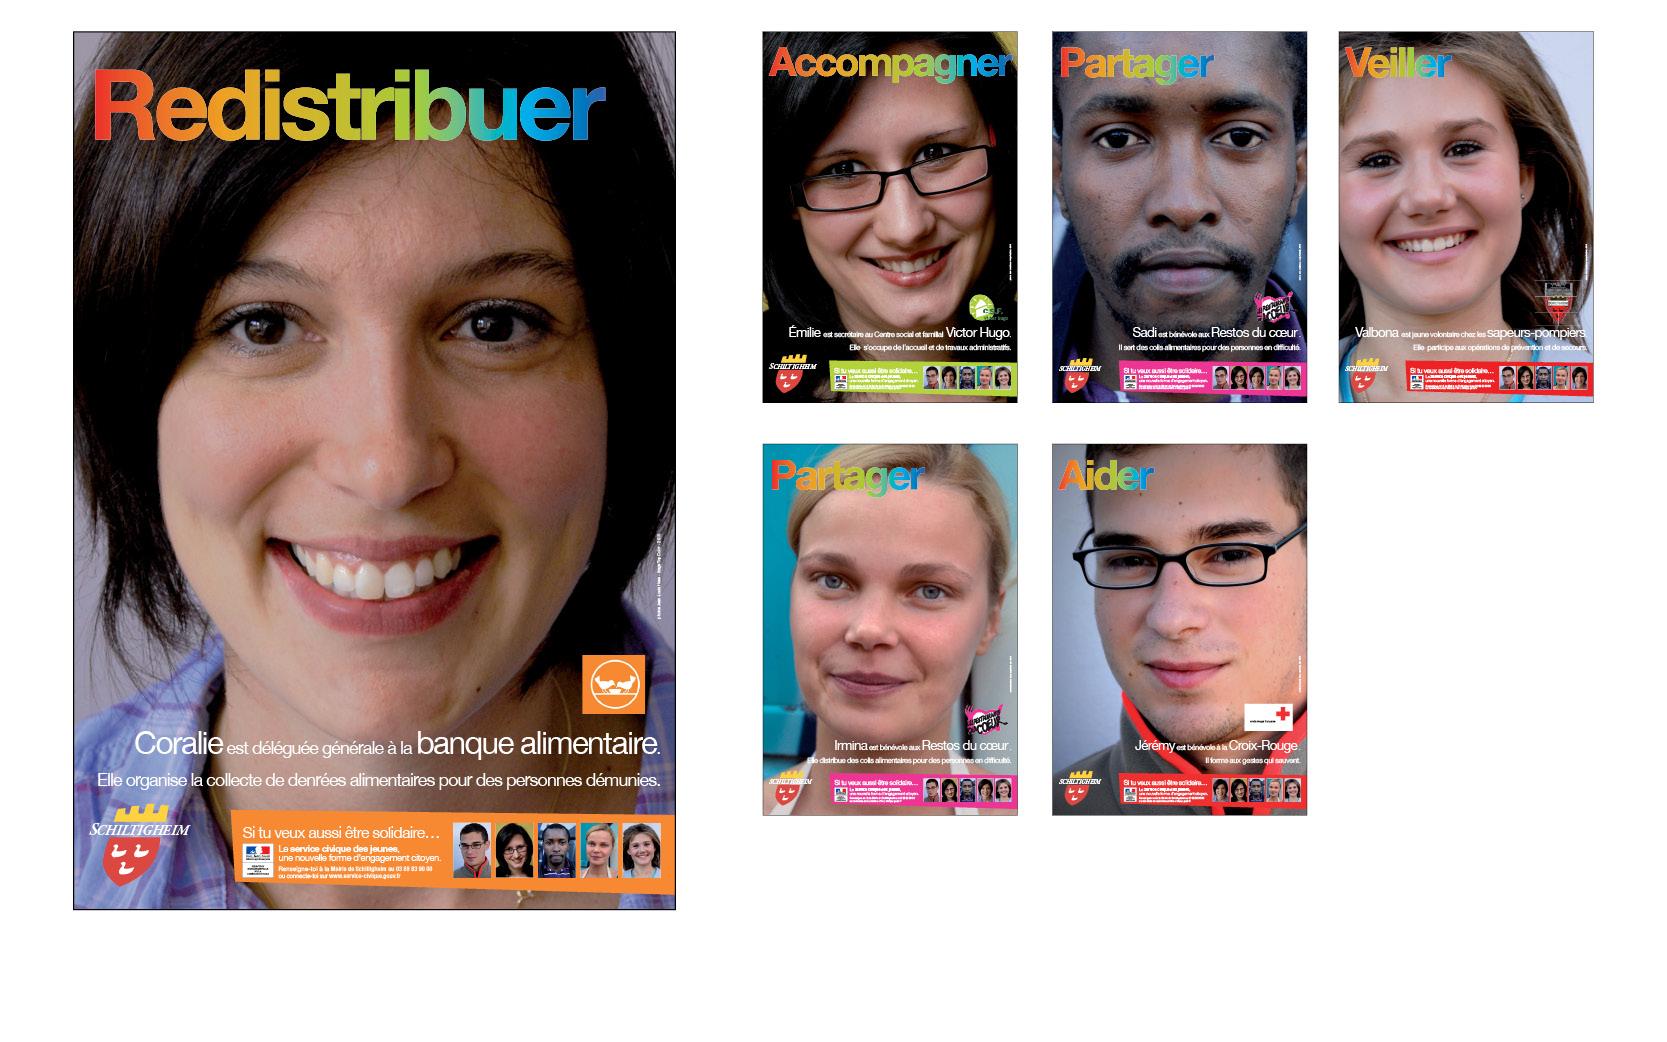 Série de 6 affiches pour un appel à candidatures au service civique  des jeunes, en partenariat  avec les associations locales, 2010. Photos Jean-Louis Hess.